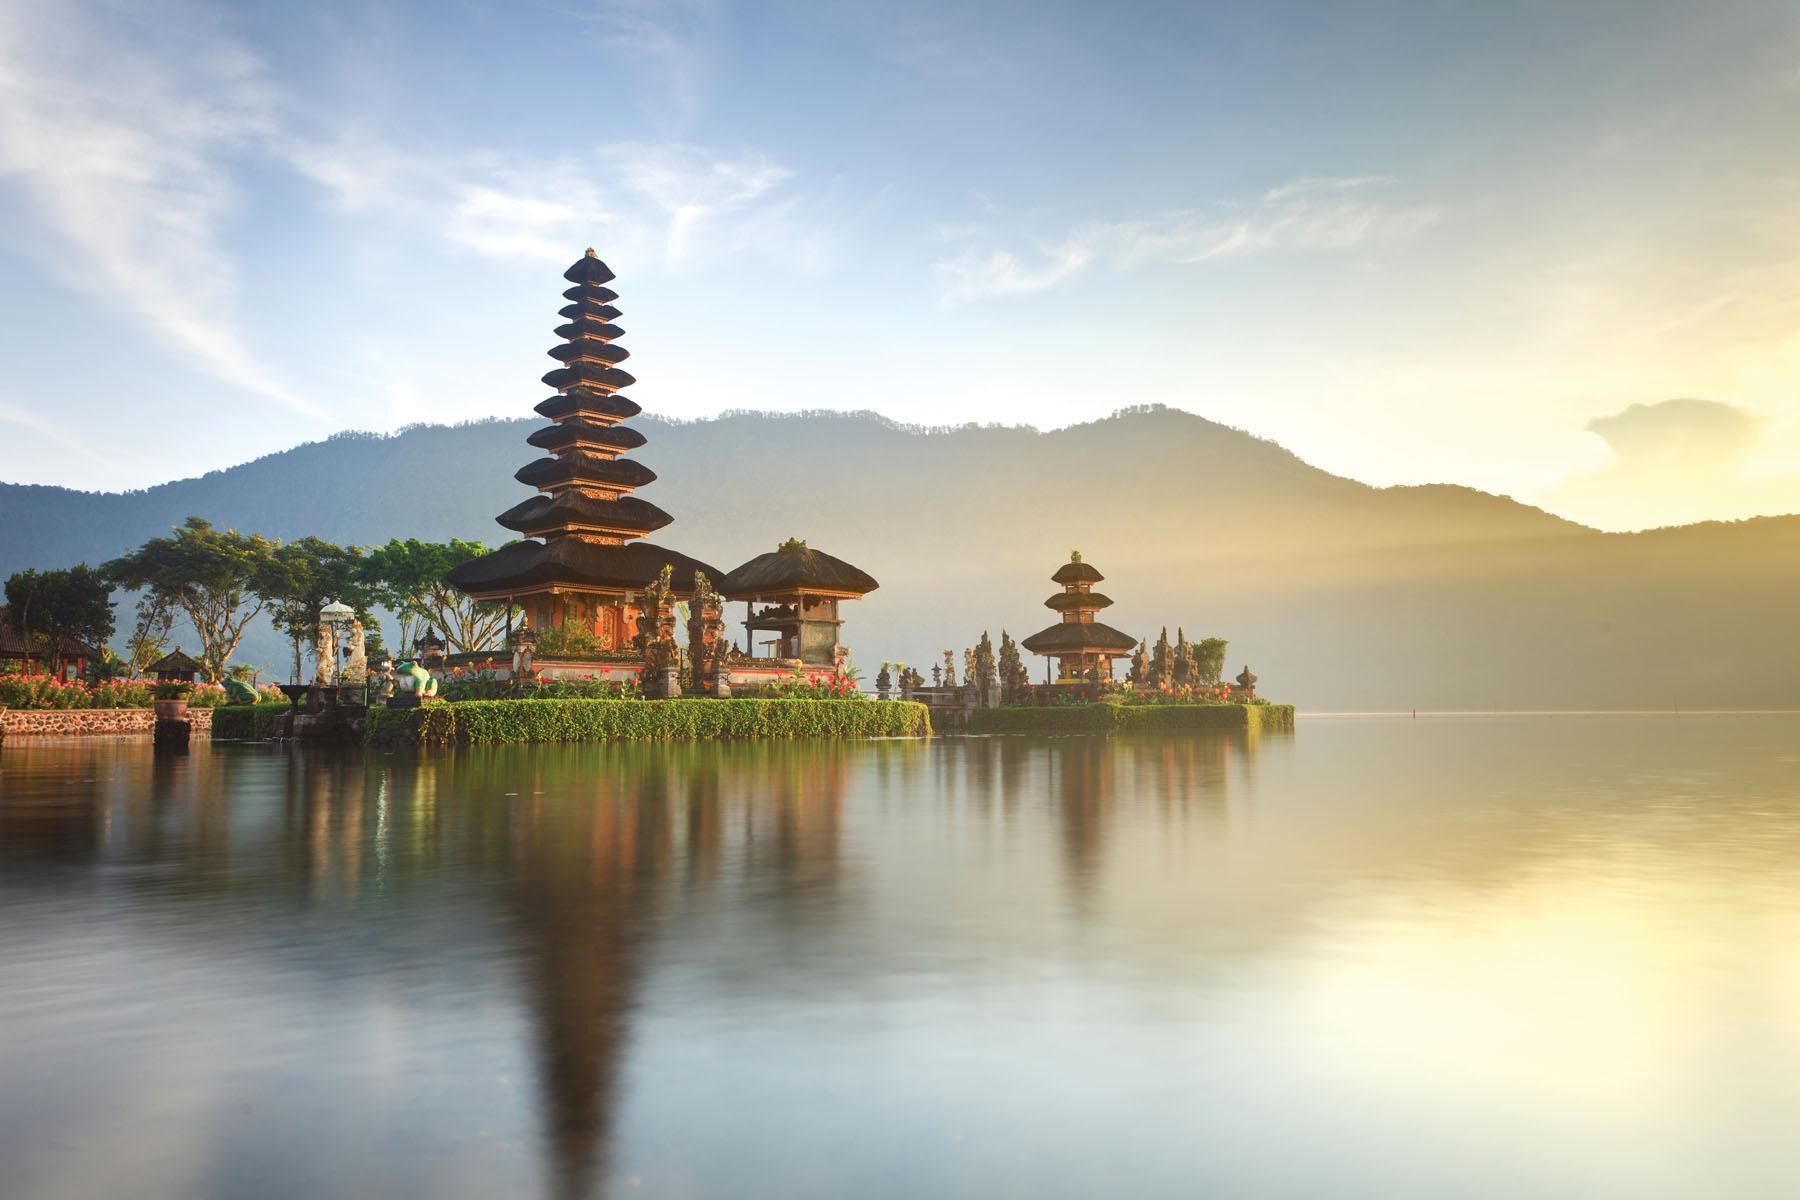 Indonesia-Bali-Bratan-Lake_186150560_1